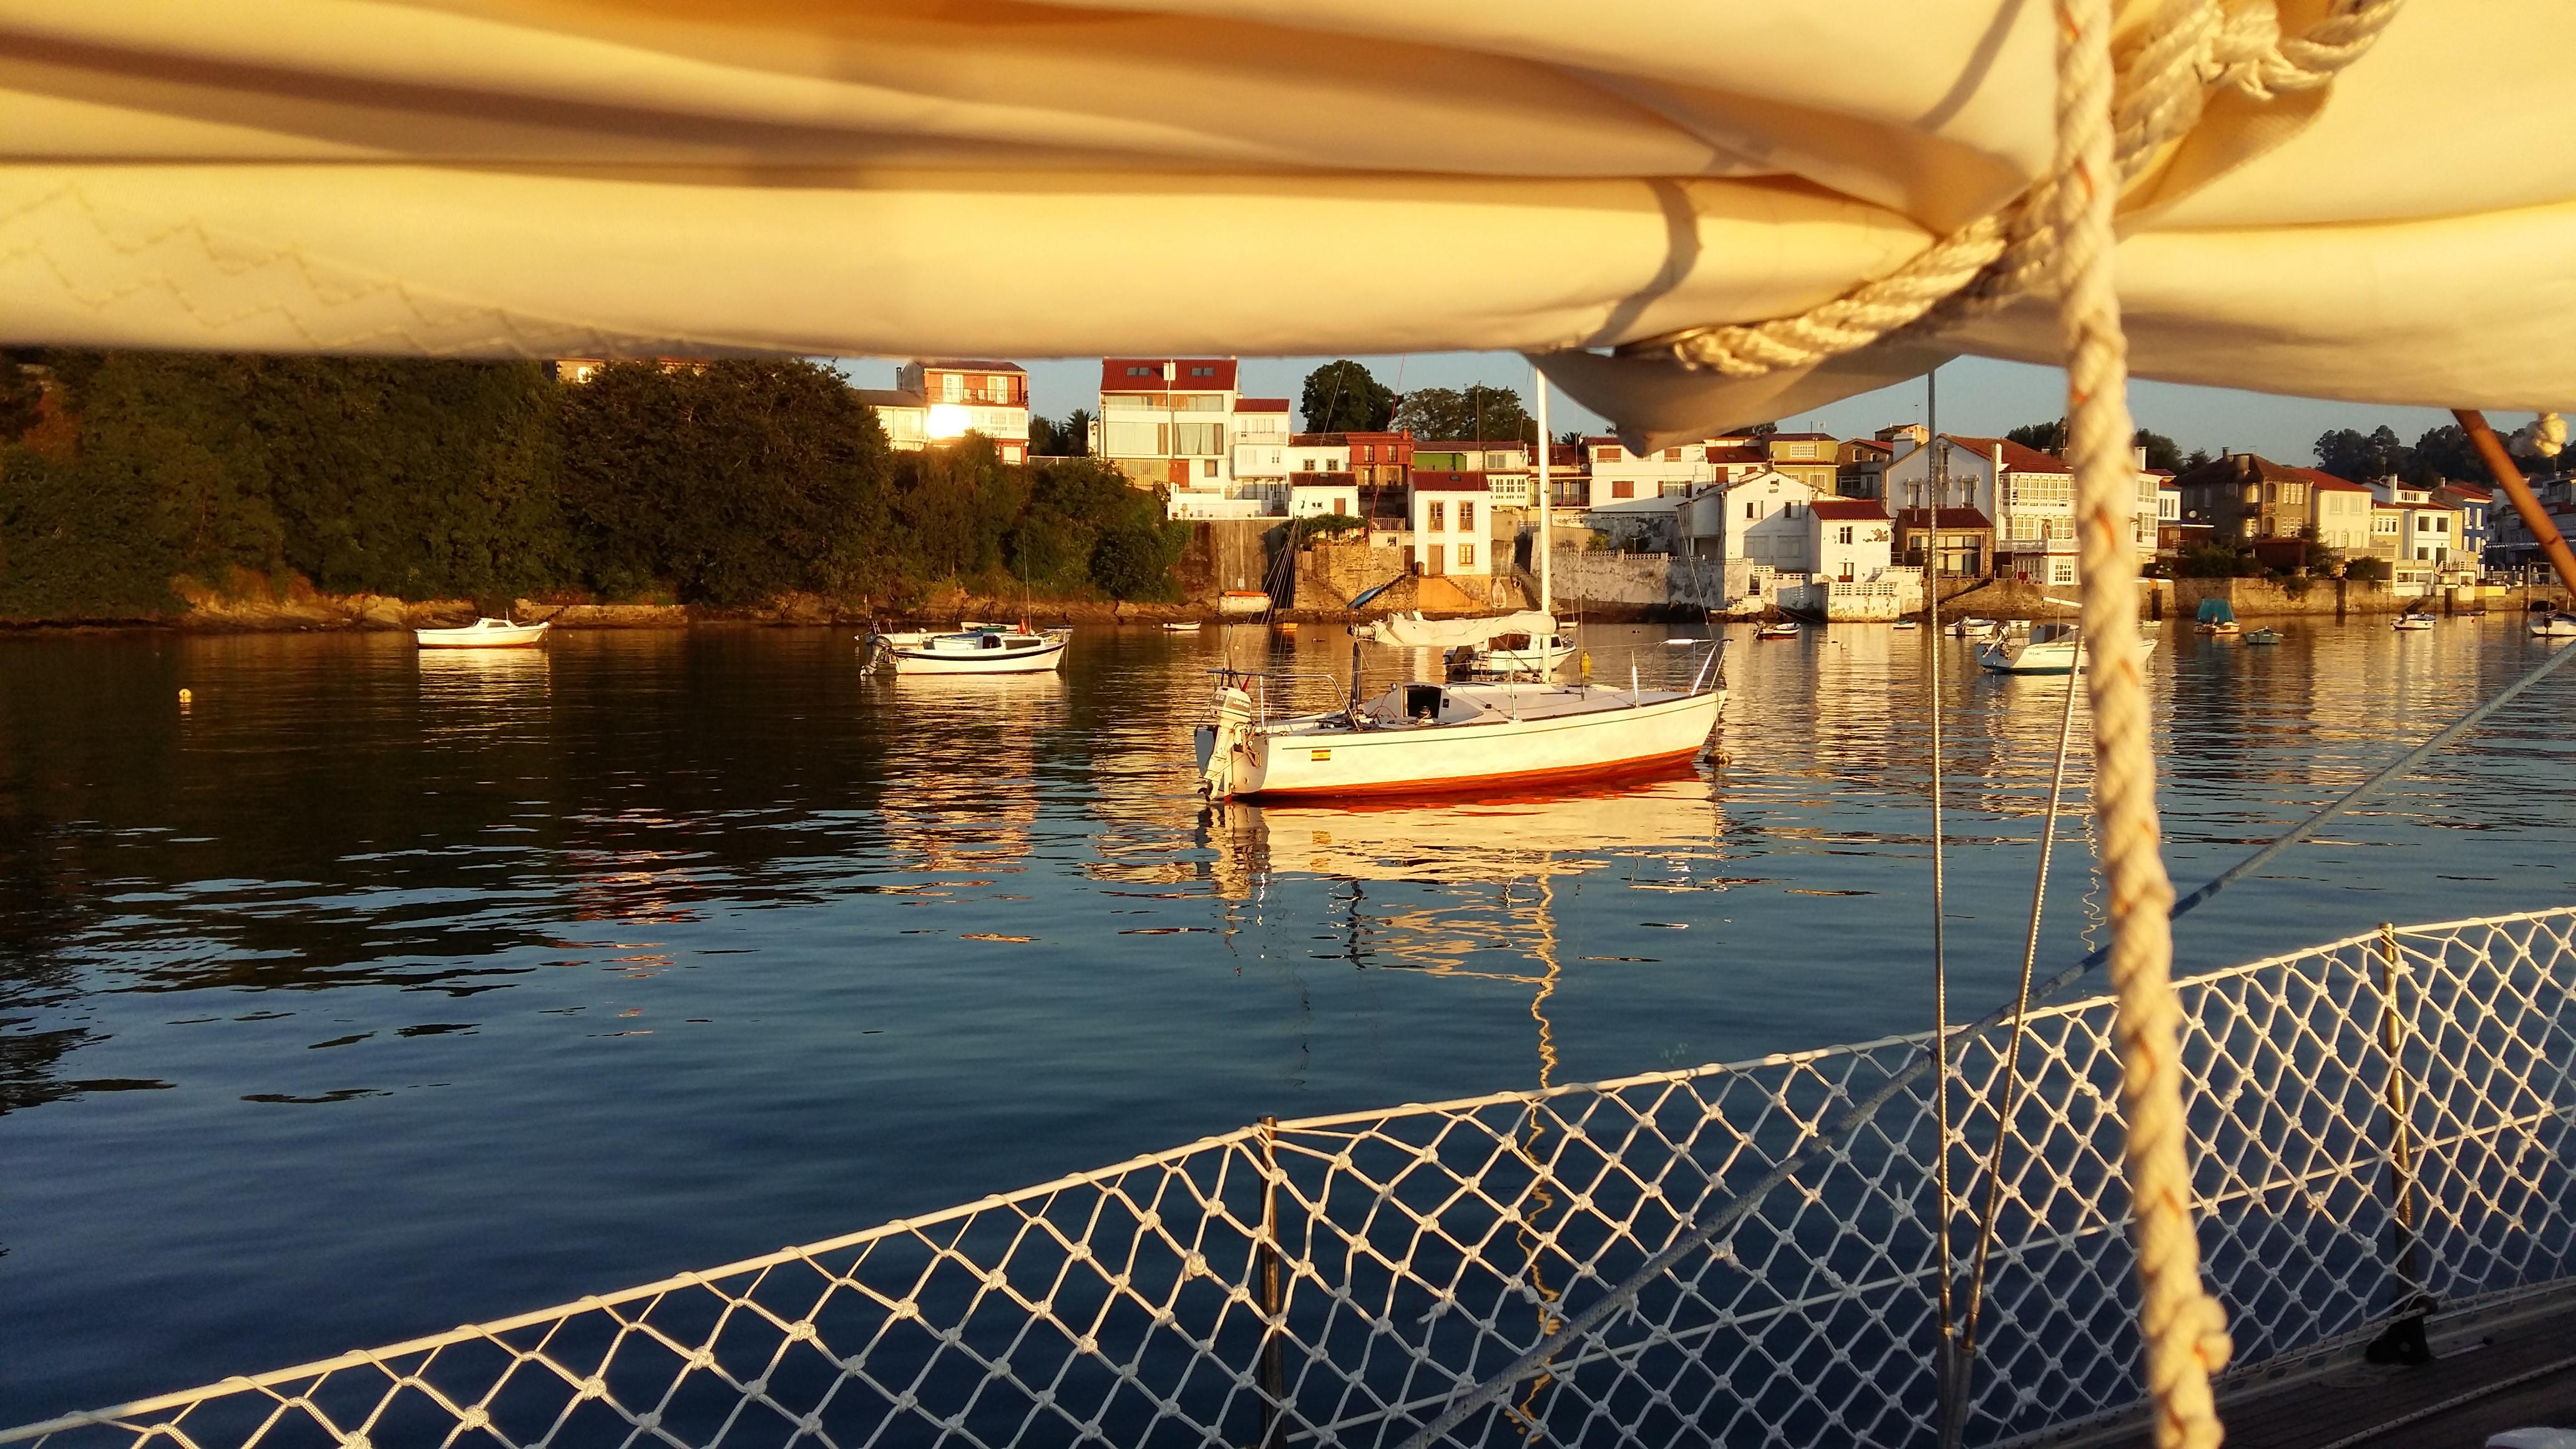 noche en el barco, amanece